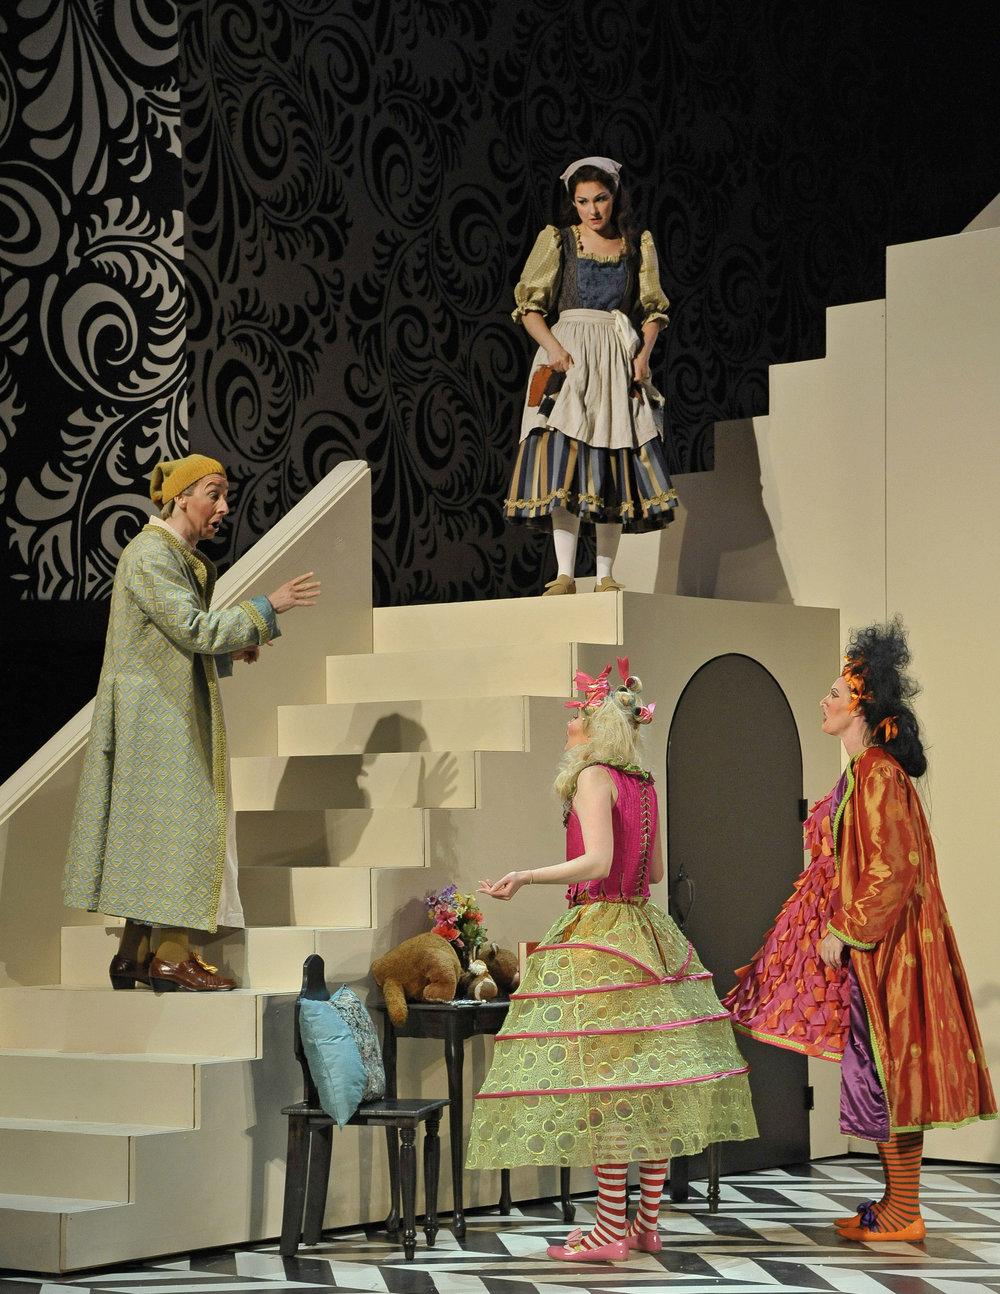 Opera_Saratoga_GG27582.jpg